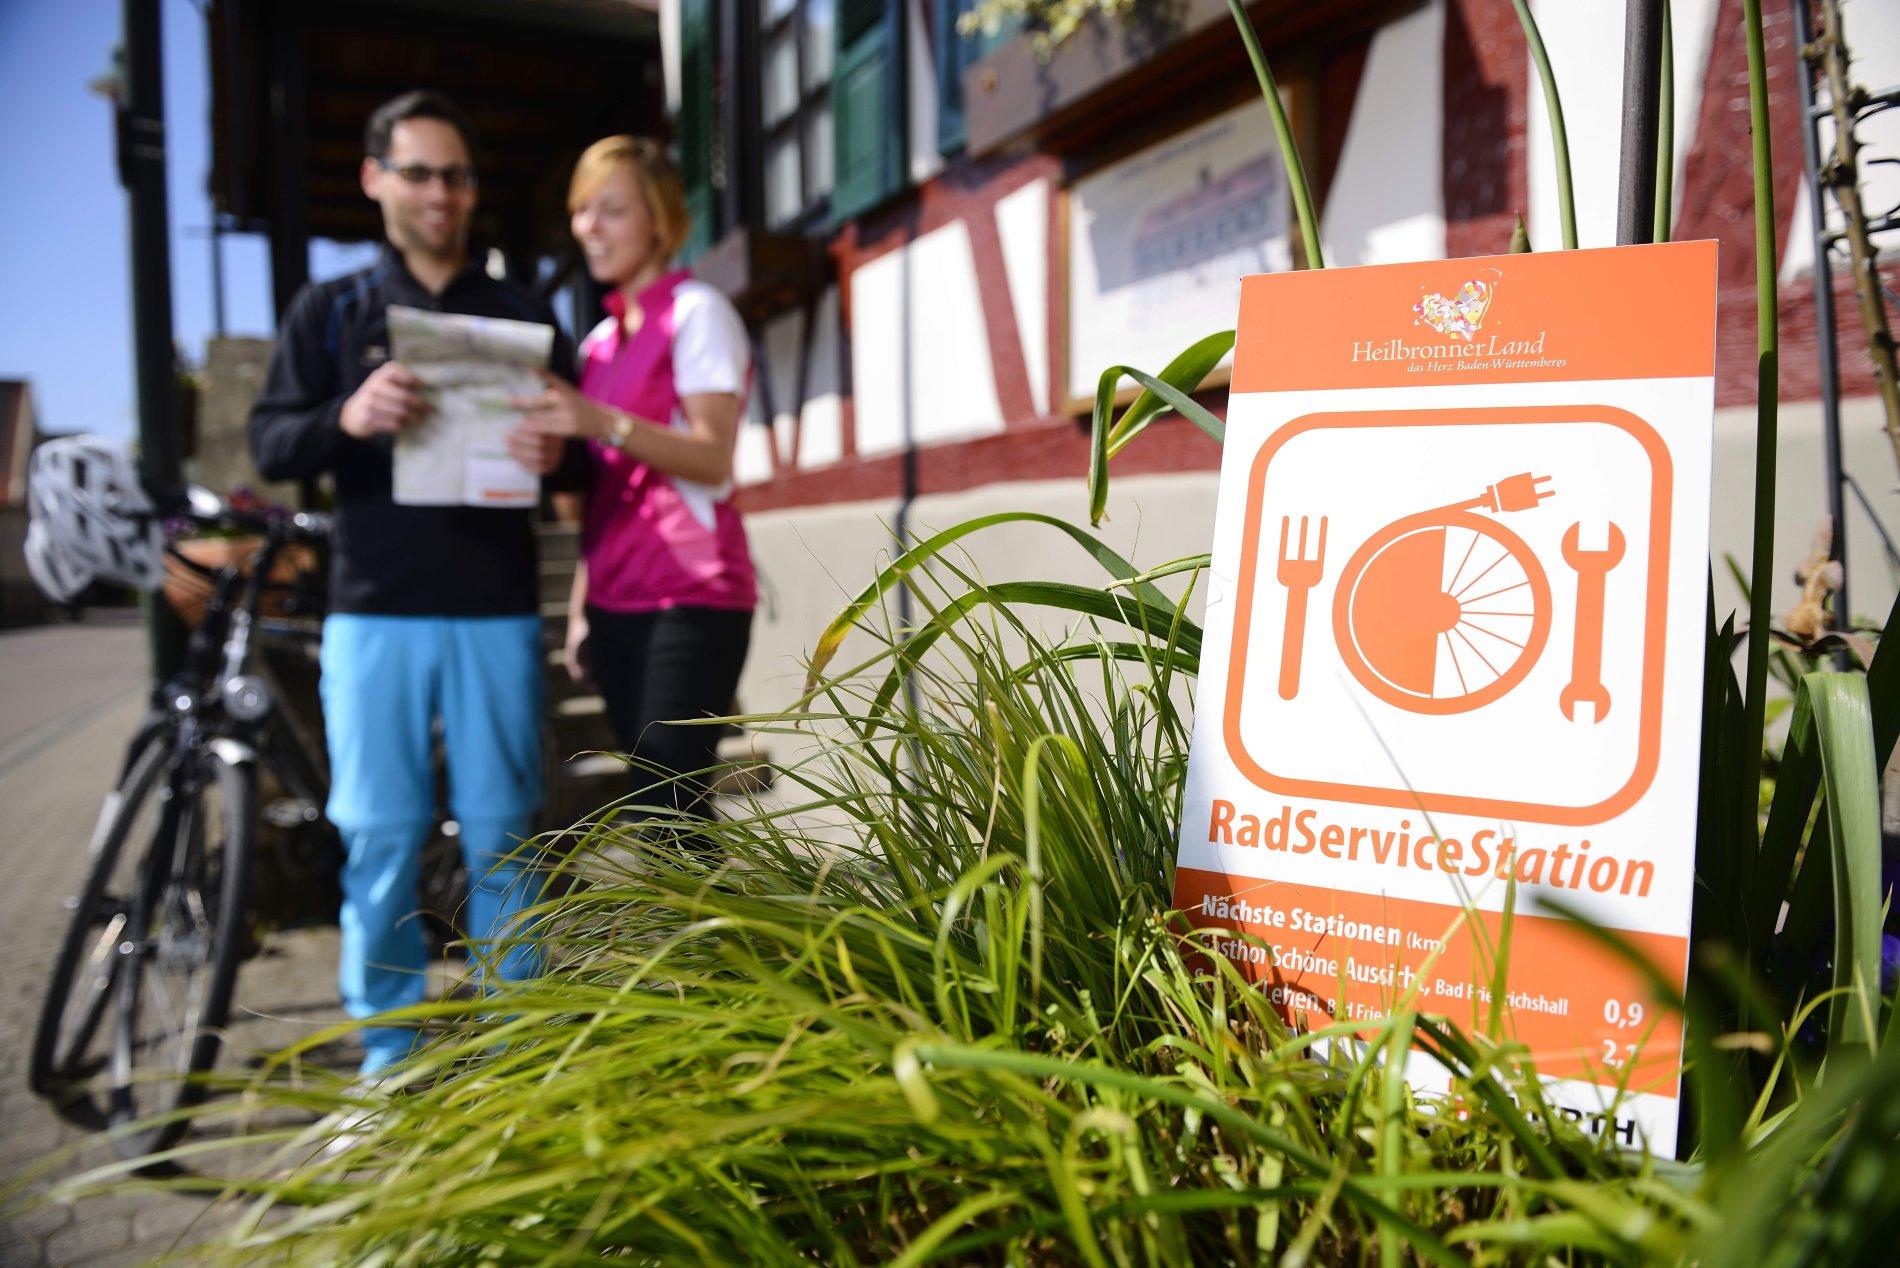 RadServiceStationen HeilbronnerLand - Einkehrtipp fahrradfreundliche Gastronomie